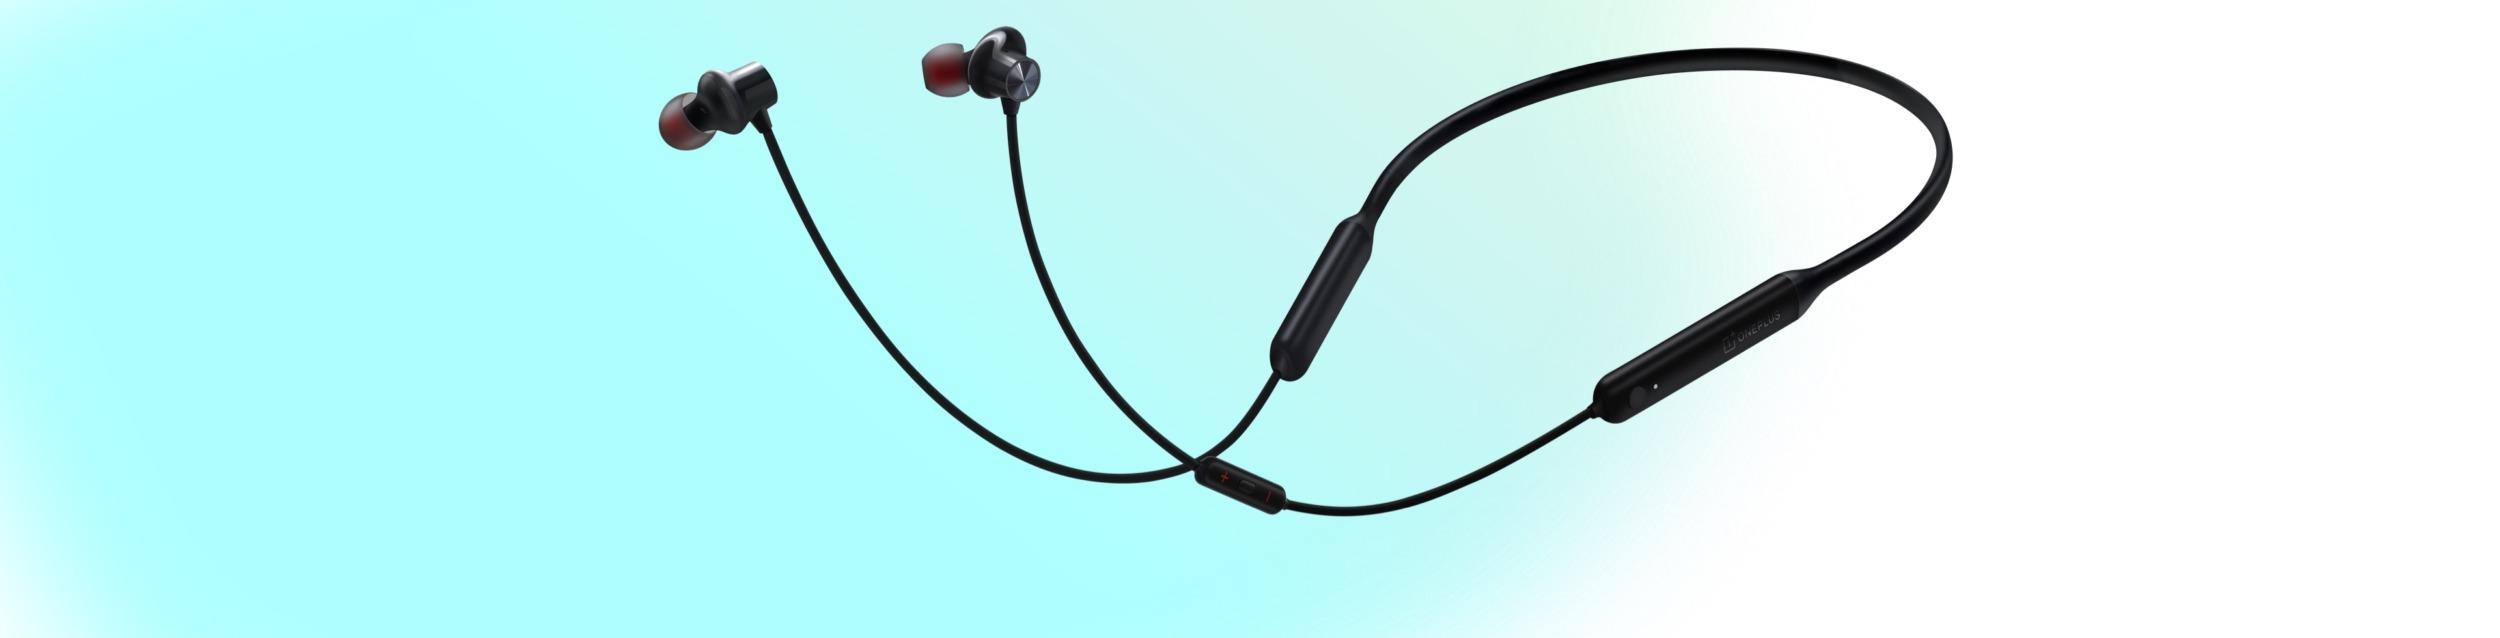 Bullets Wireless Z oficiálně: OnePlus opět sází na kabel